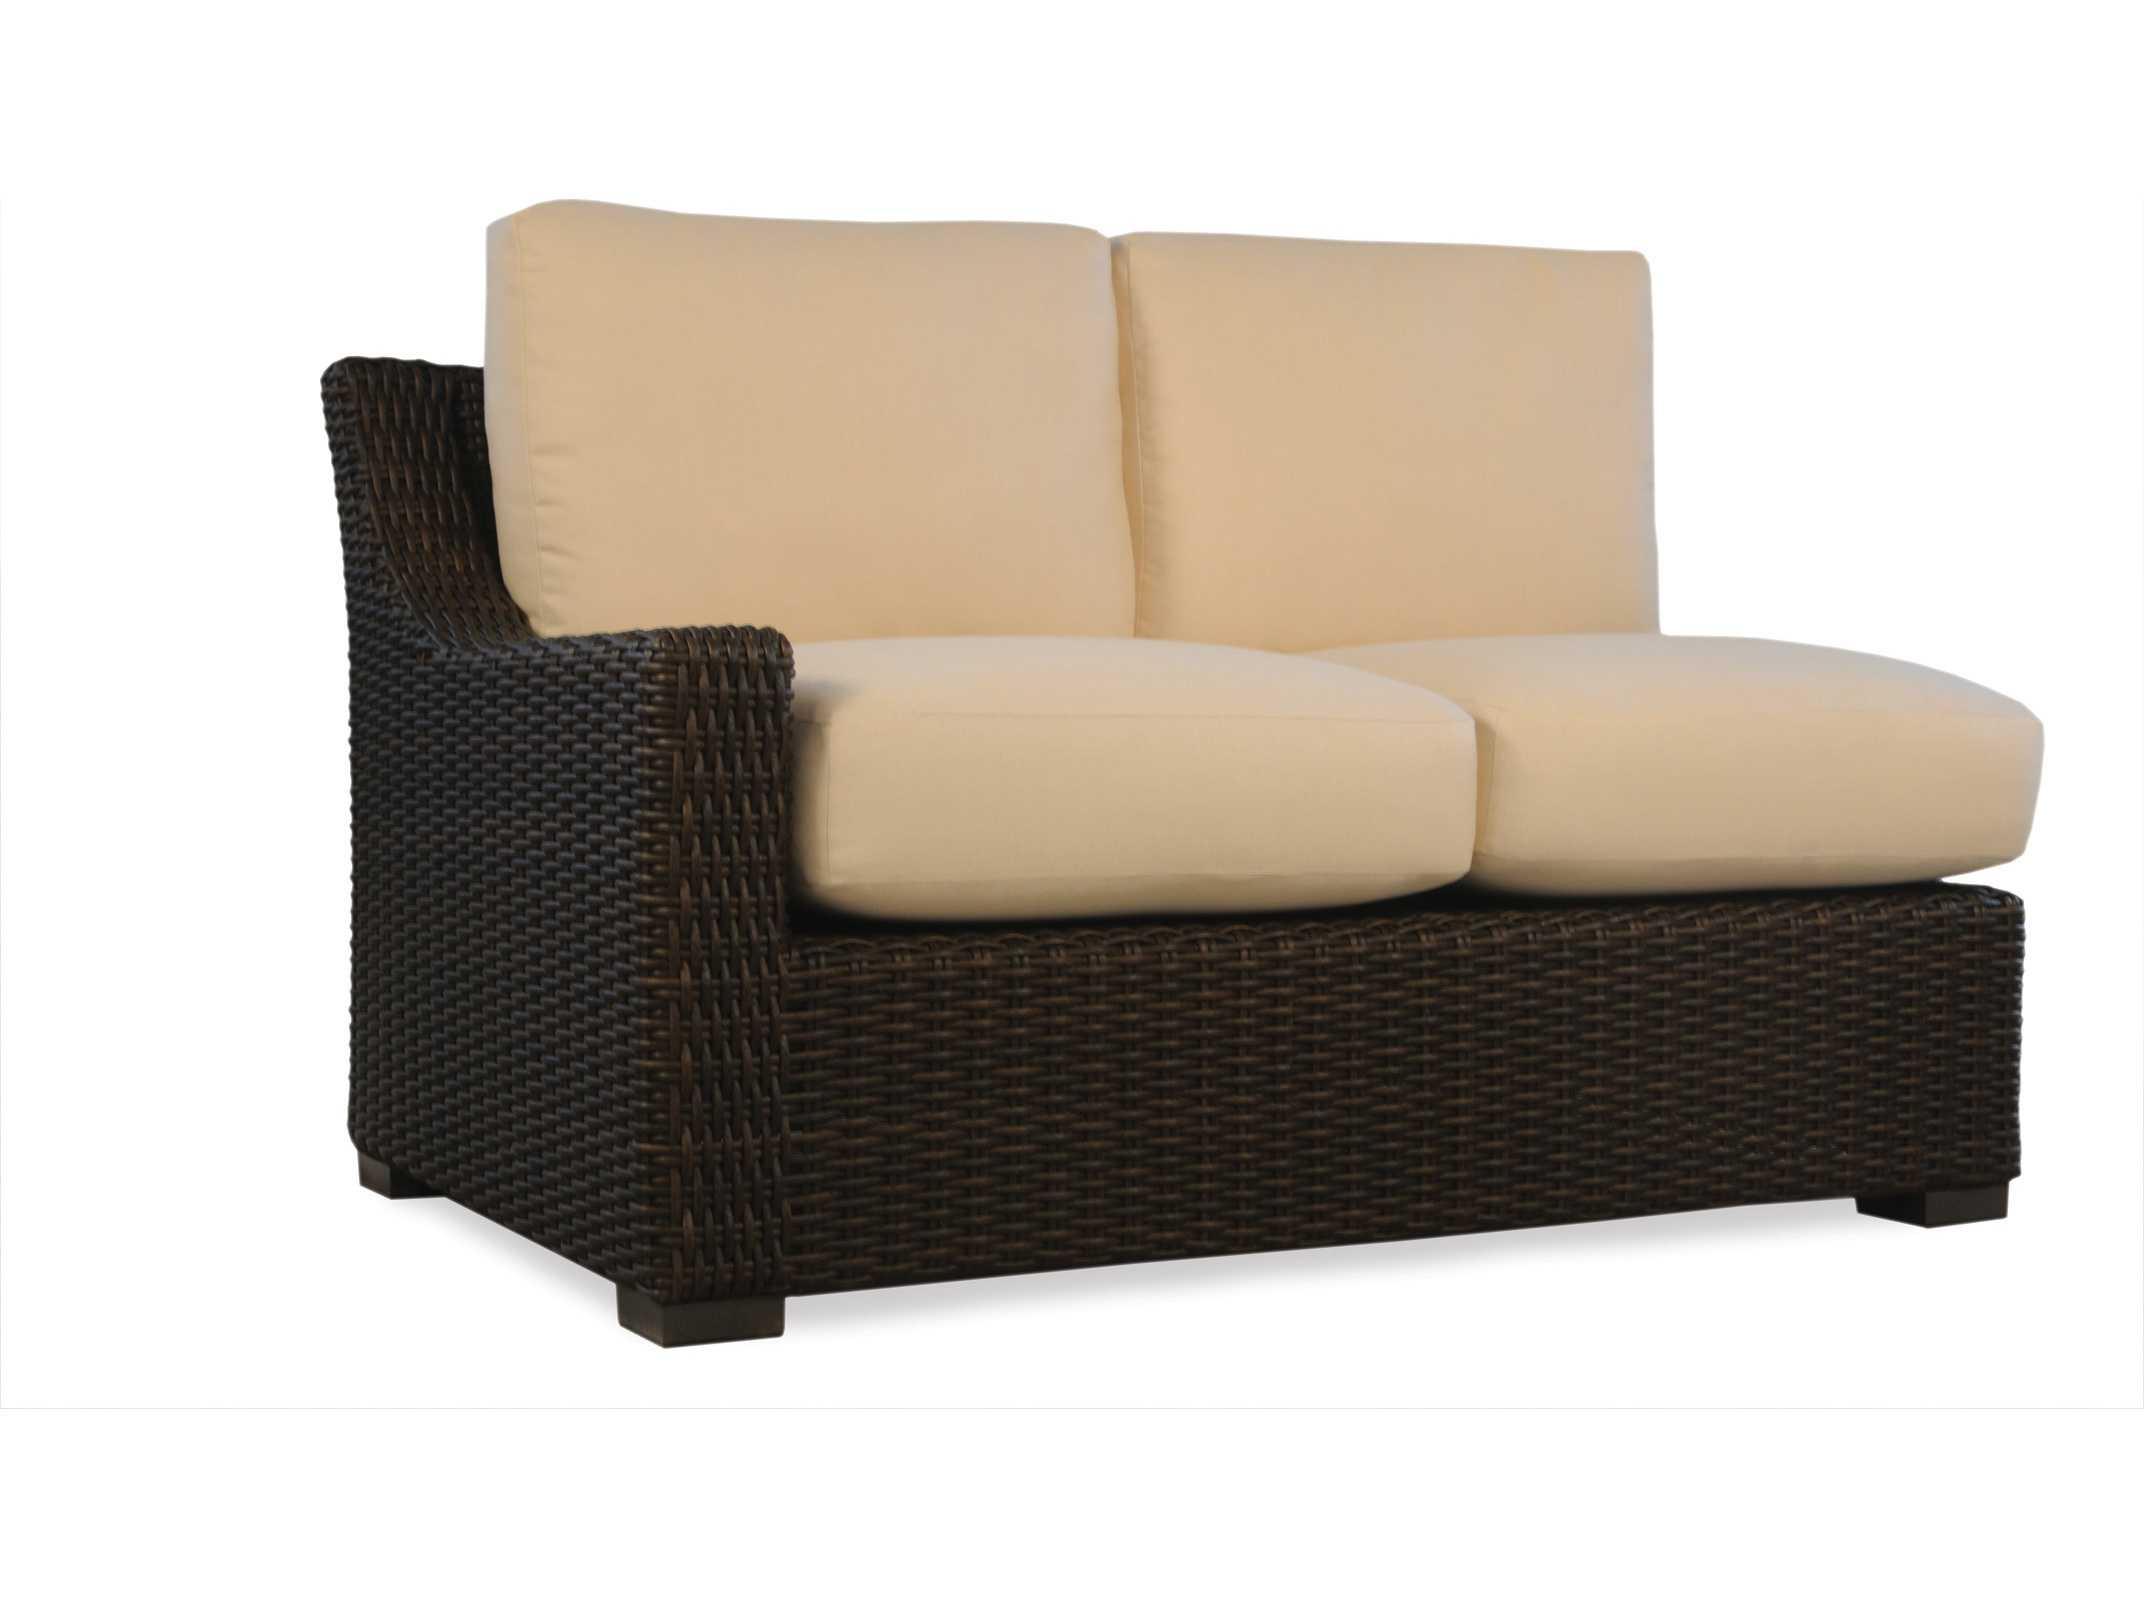 Lloyd Flanders Mesa Wicker Curved Sofa Replacement Cushion Lloyd Flanders Mesa Lloyd